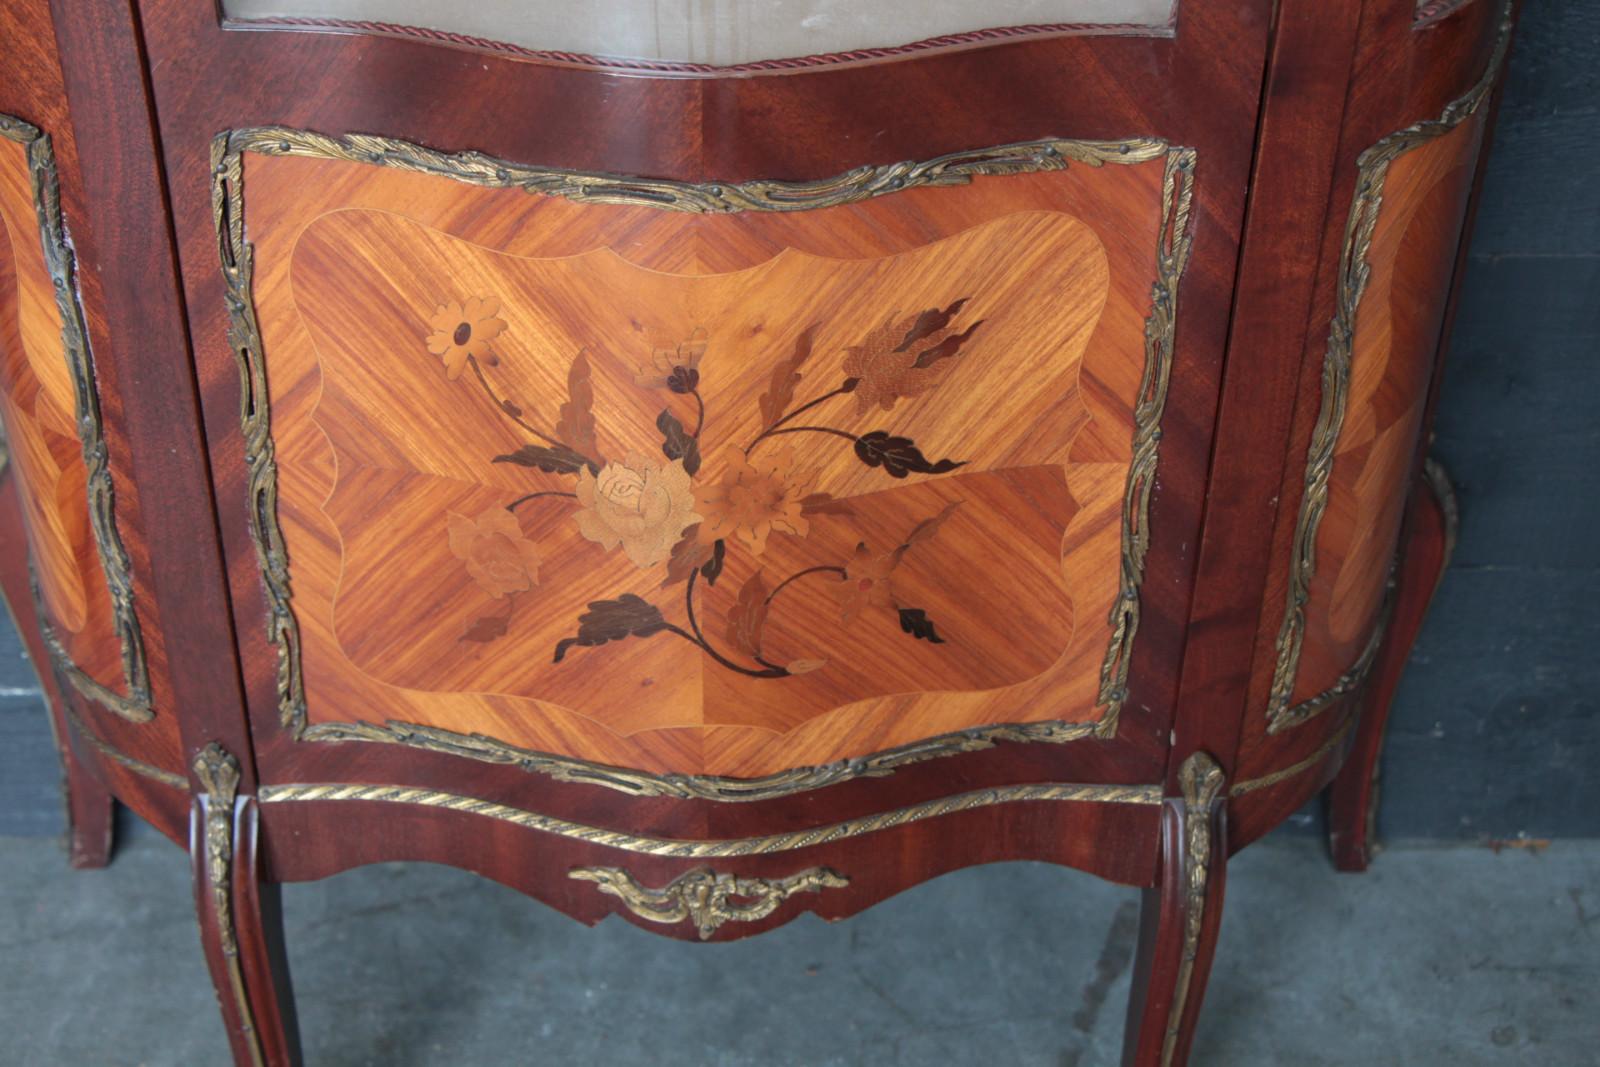 Louis 15 Marquetery U0026 Bronze Display Cabinet   Page Du0027accueil   Diaporama    Antiques U0026 Furniture